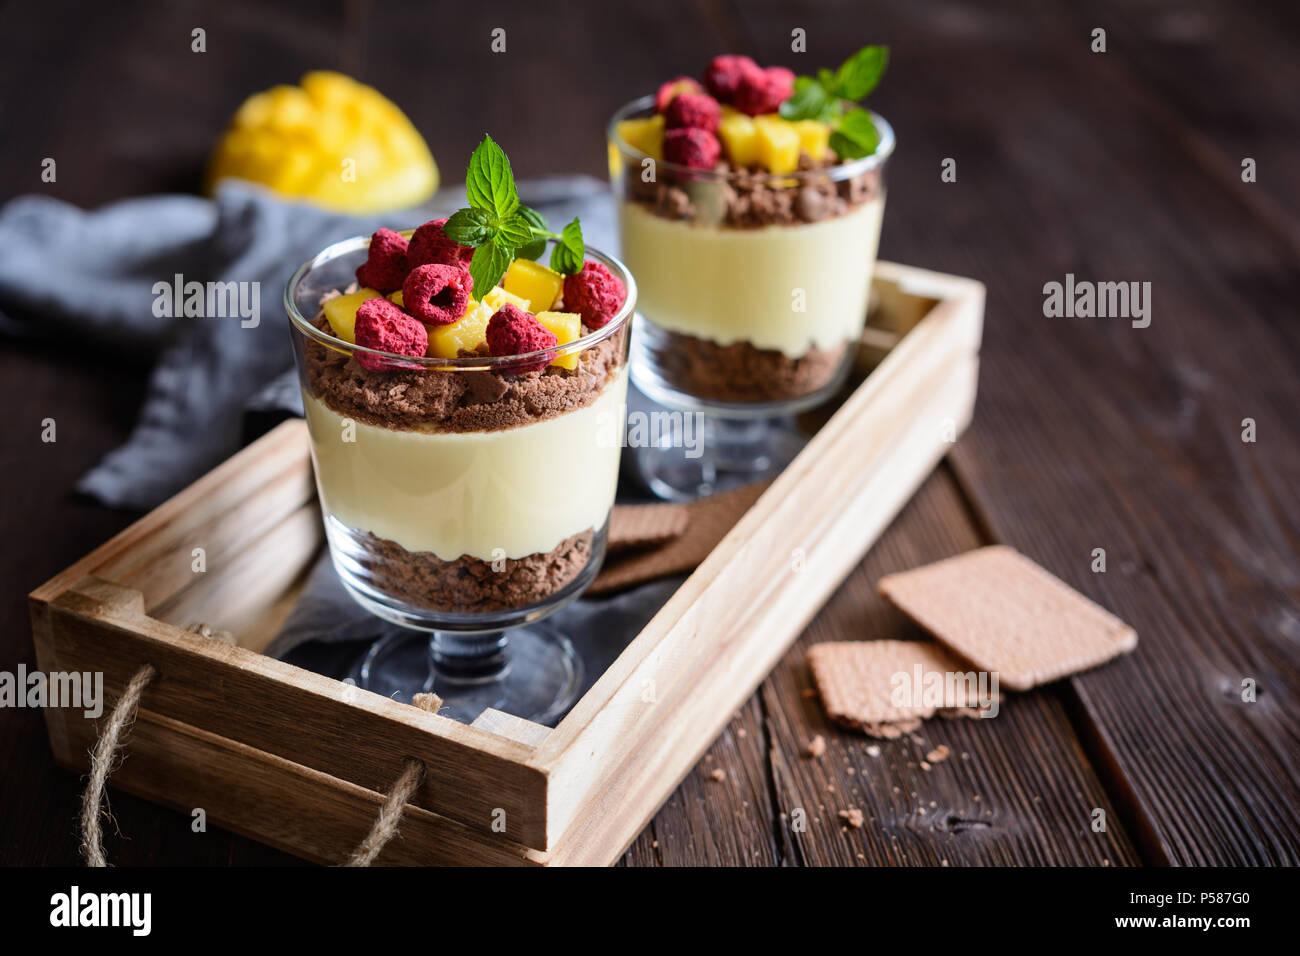 2-in-1-mango Nachtisch mit Frischkäse, zerkleinert Kekse und Gefriergetrockneten Himbeeren in Gläsern serviert. Stockbild